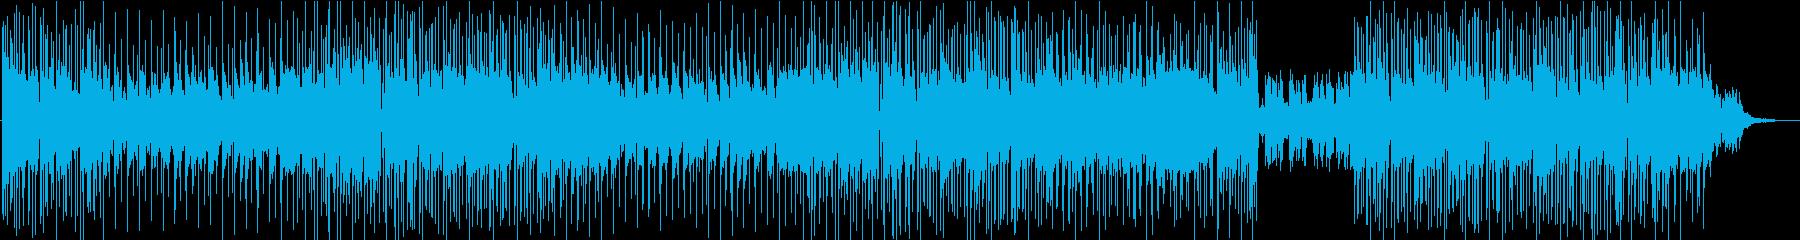 アニメOP風の華やかで展開のある曲の再生済みの波形